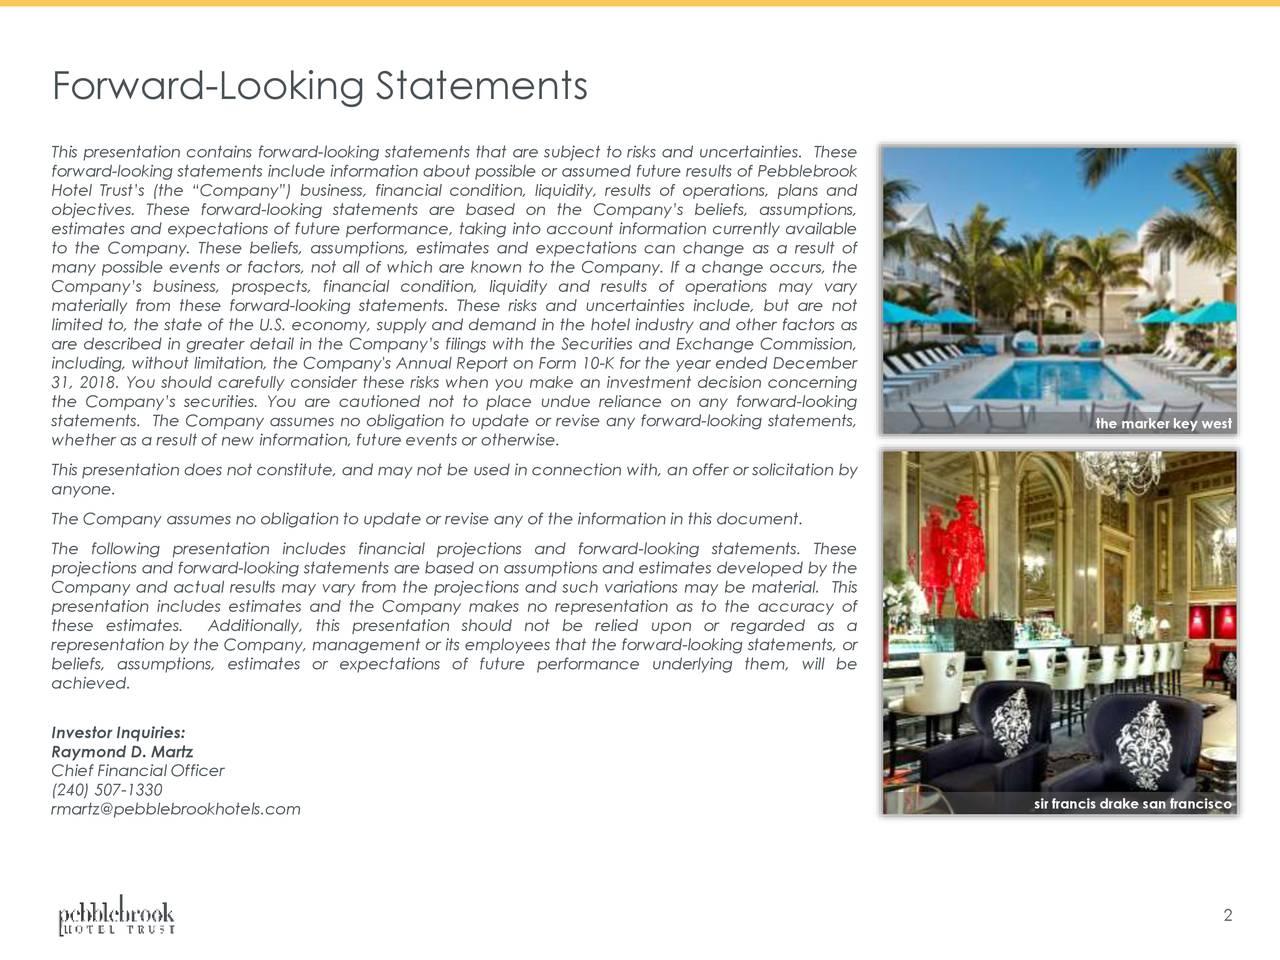 Pebblebrook Hotel Trust (PEB) Investor Presentation